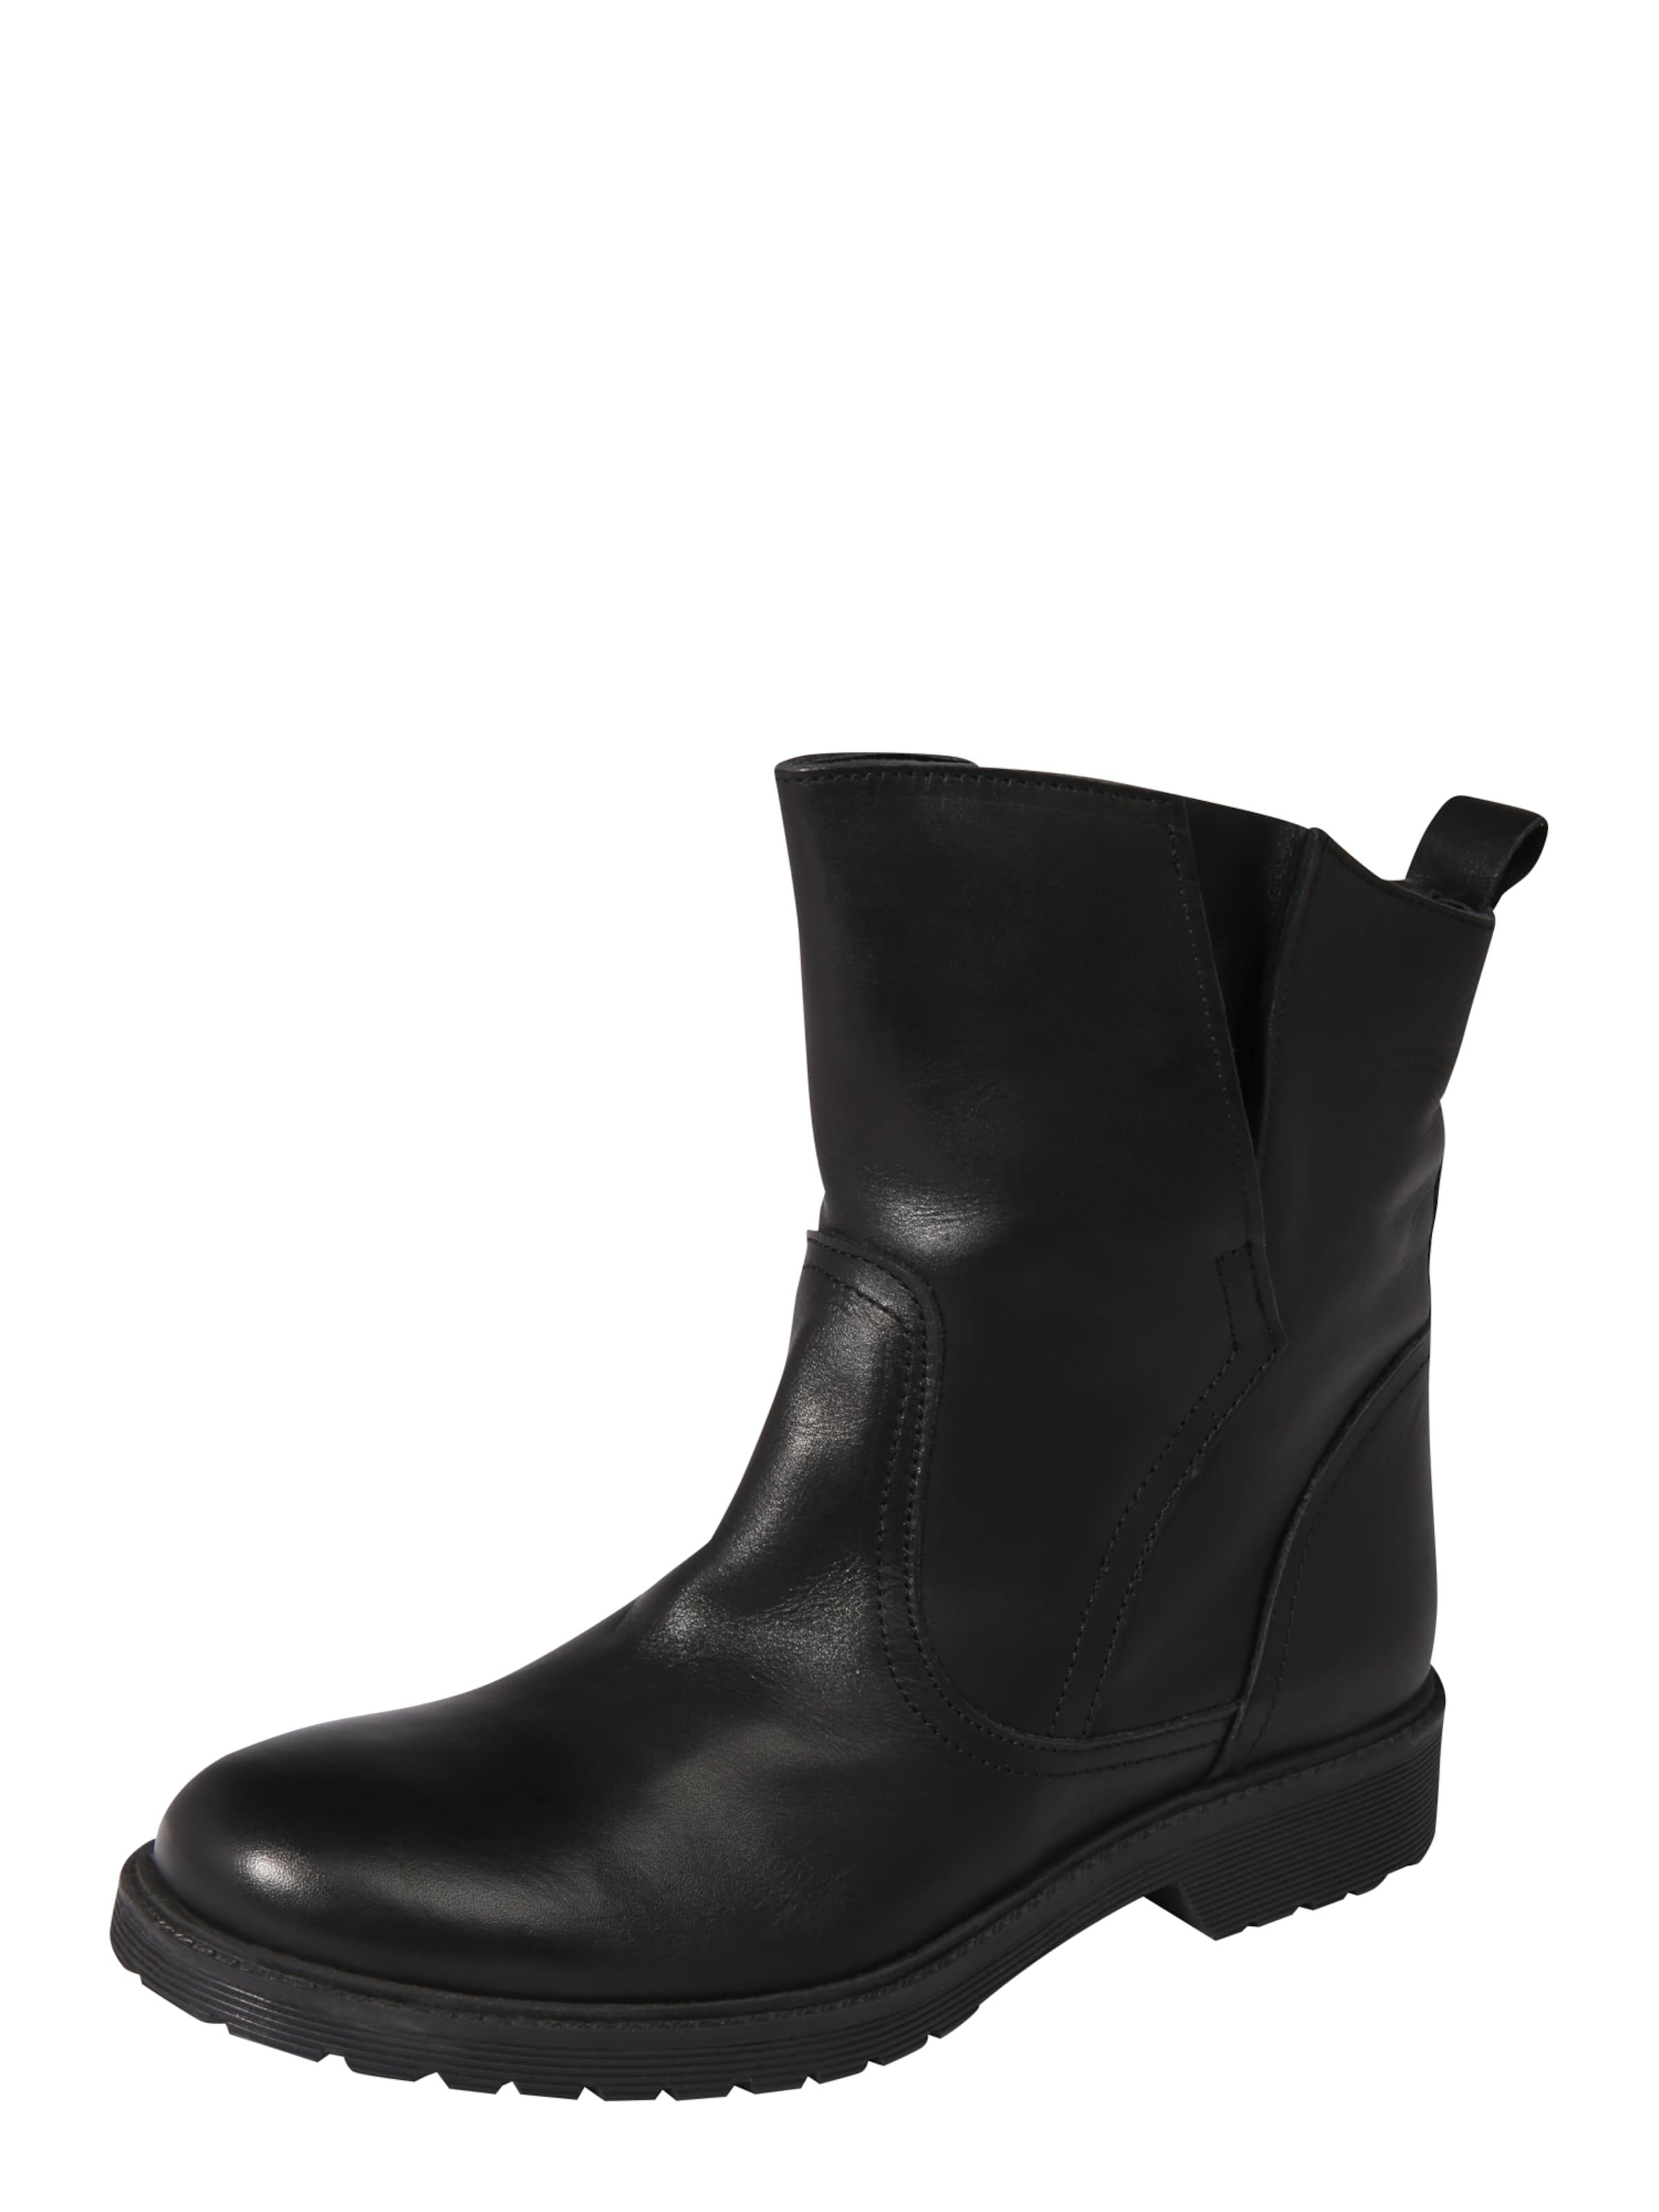 BUFFALO Stiefelette Verschleißfeste Verschleißfeste Stiefelette billige Schuhe Hohe Qualität fb3bb3